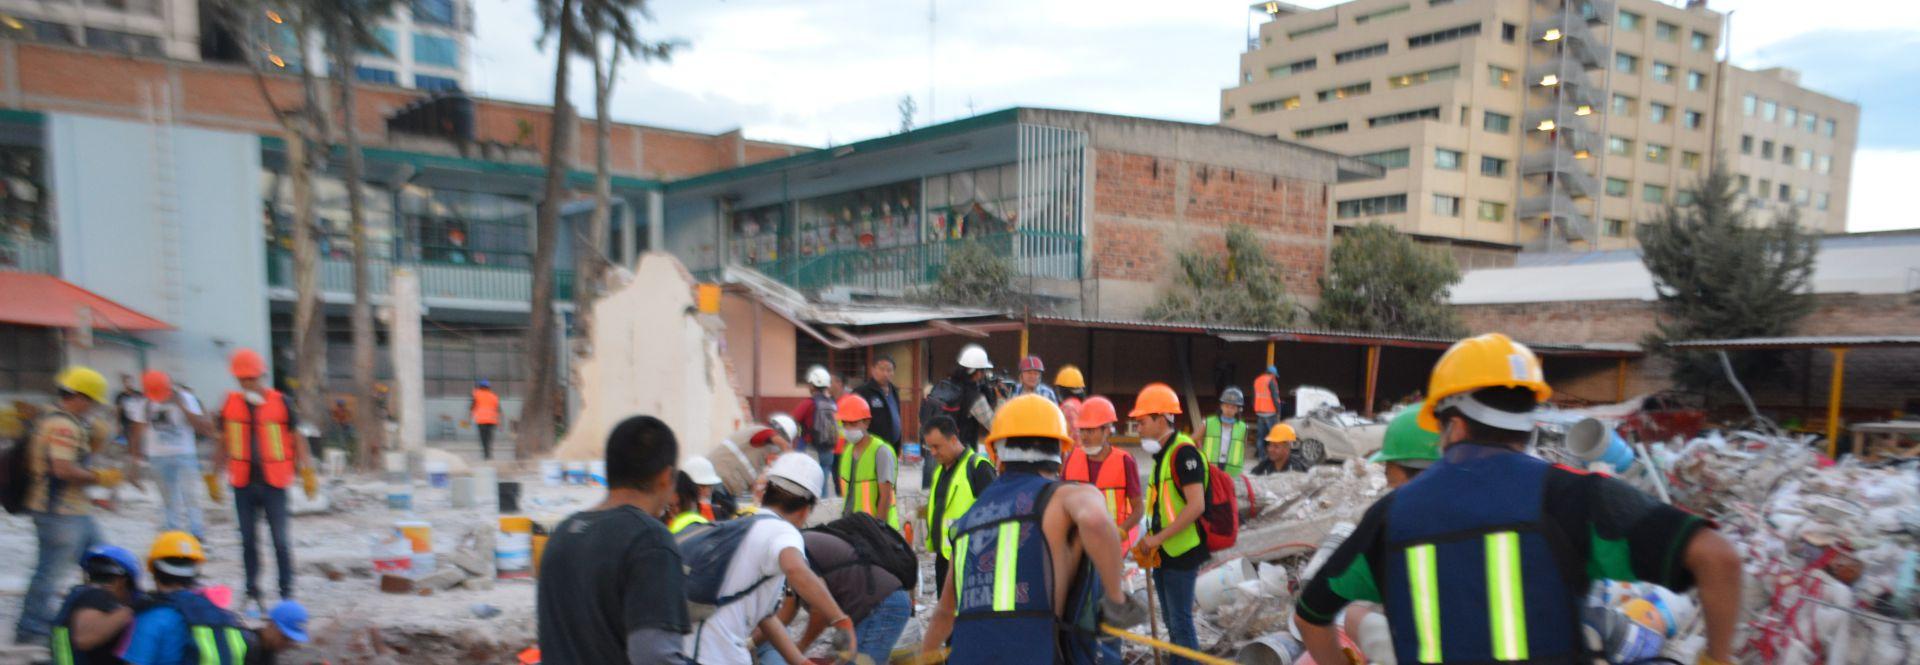 terremoto en mexico, septiembre de 2019. Wiikimedia